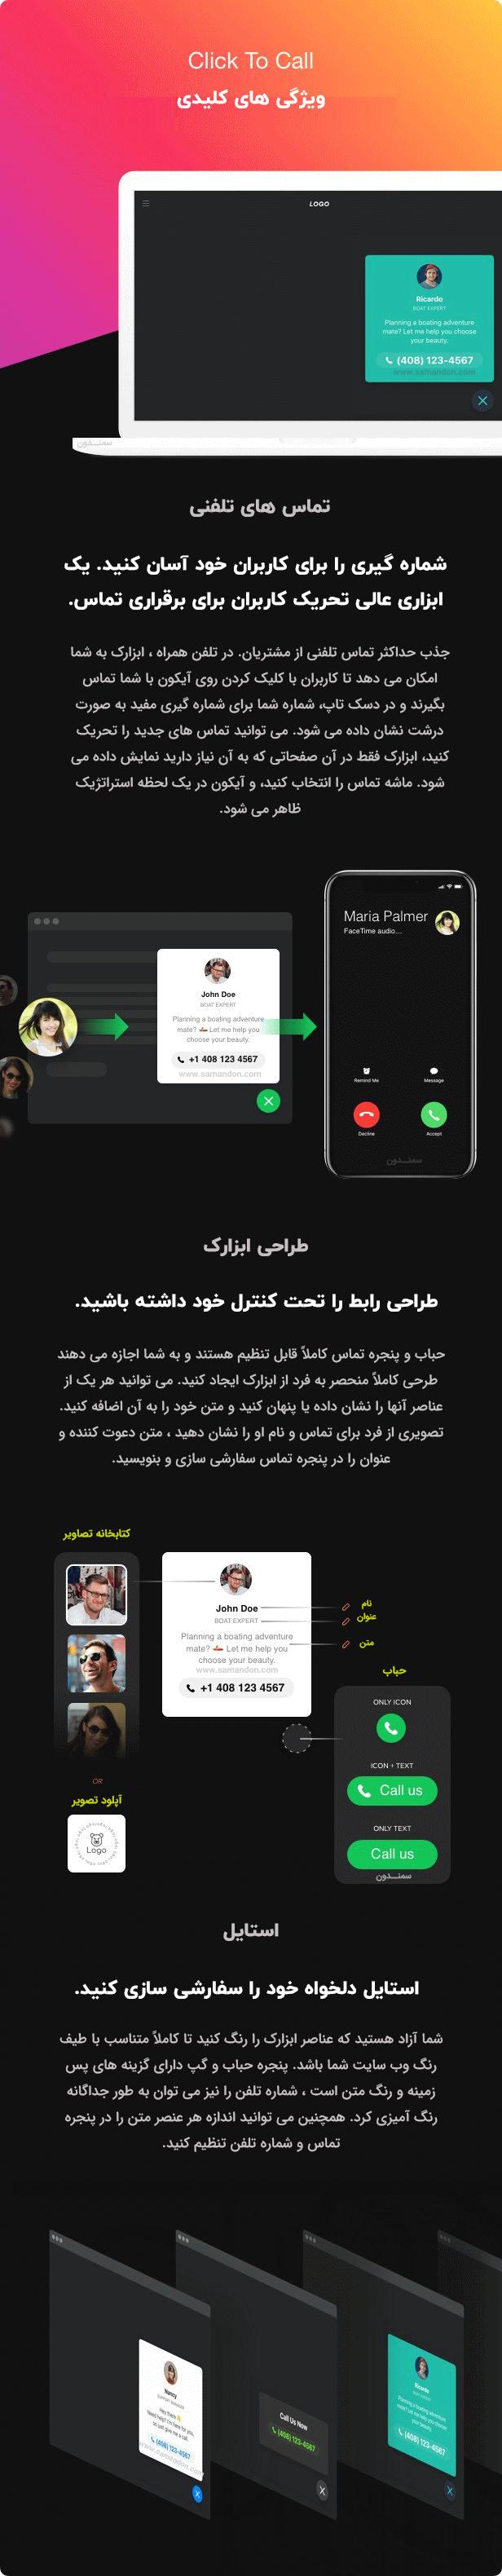 ویژگی های افزونه دکمه کلیک برای تماس وردپرس | Elfsight Click To Call CC